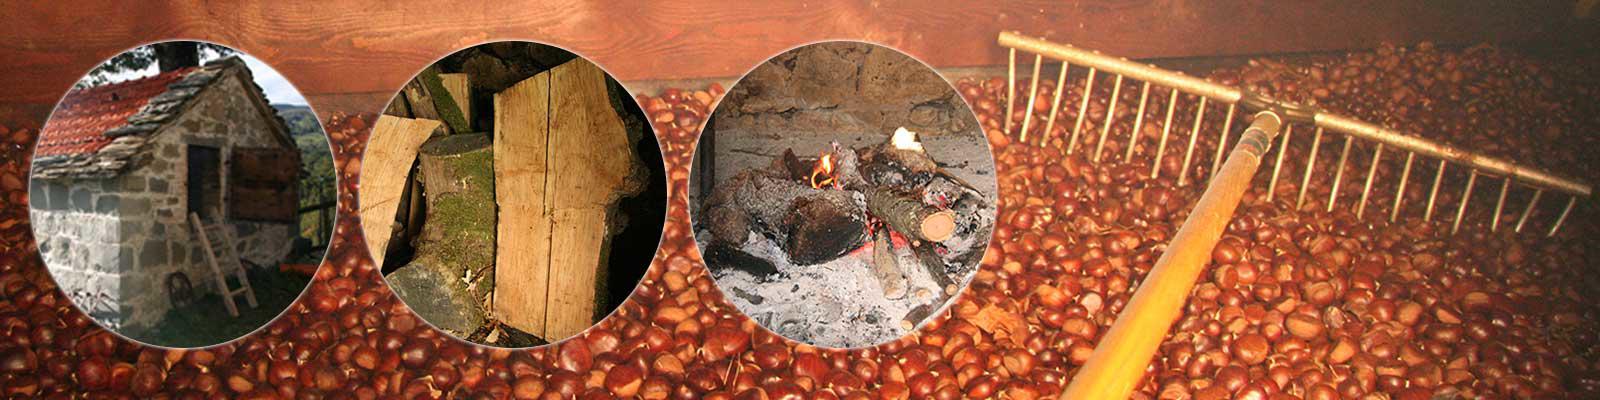 Essiccazione delle castagne in Metato a legna